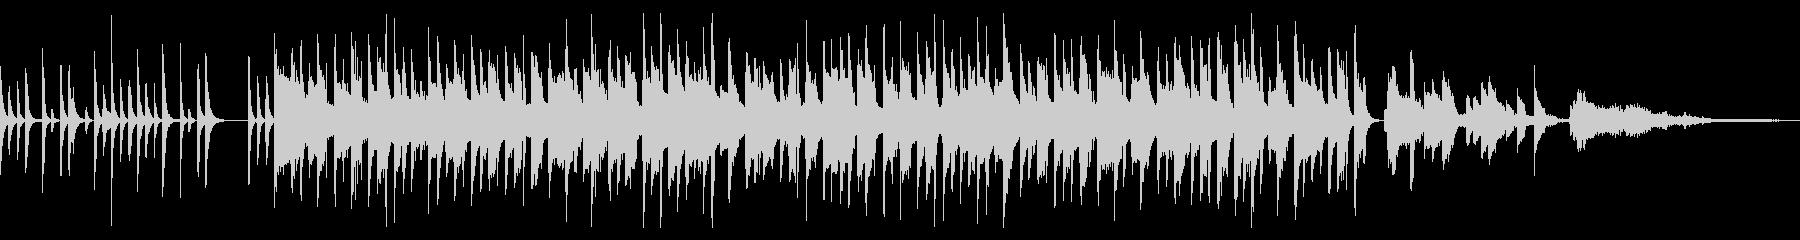 ガットギターを使った明るいボサノバBGMの未再生の波形